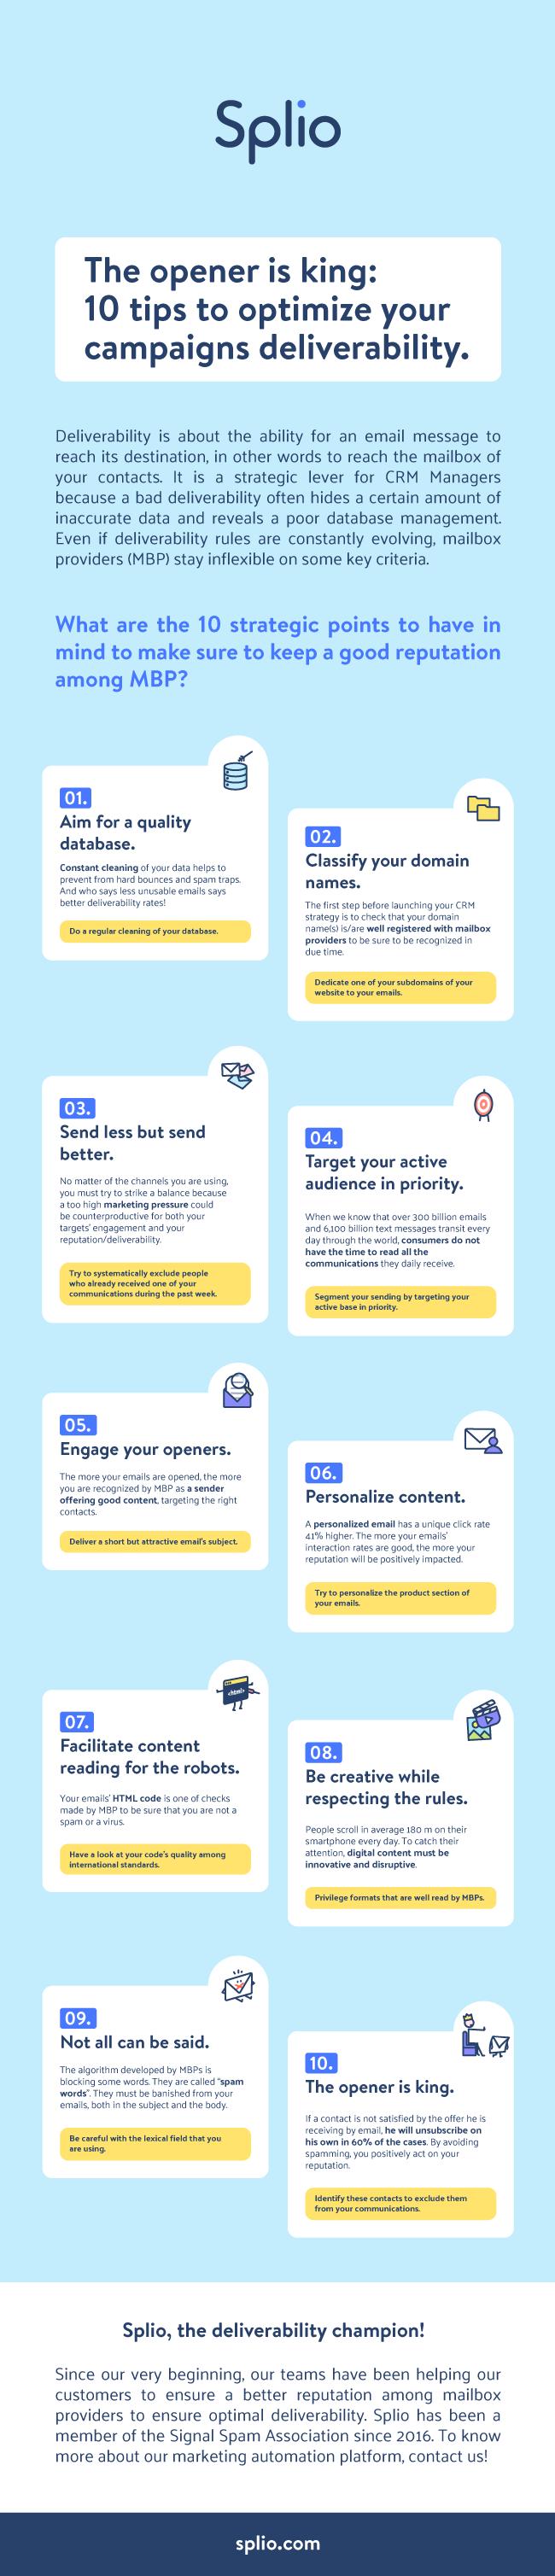 splio_infographic_deliverability